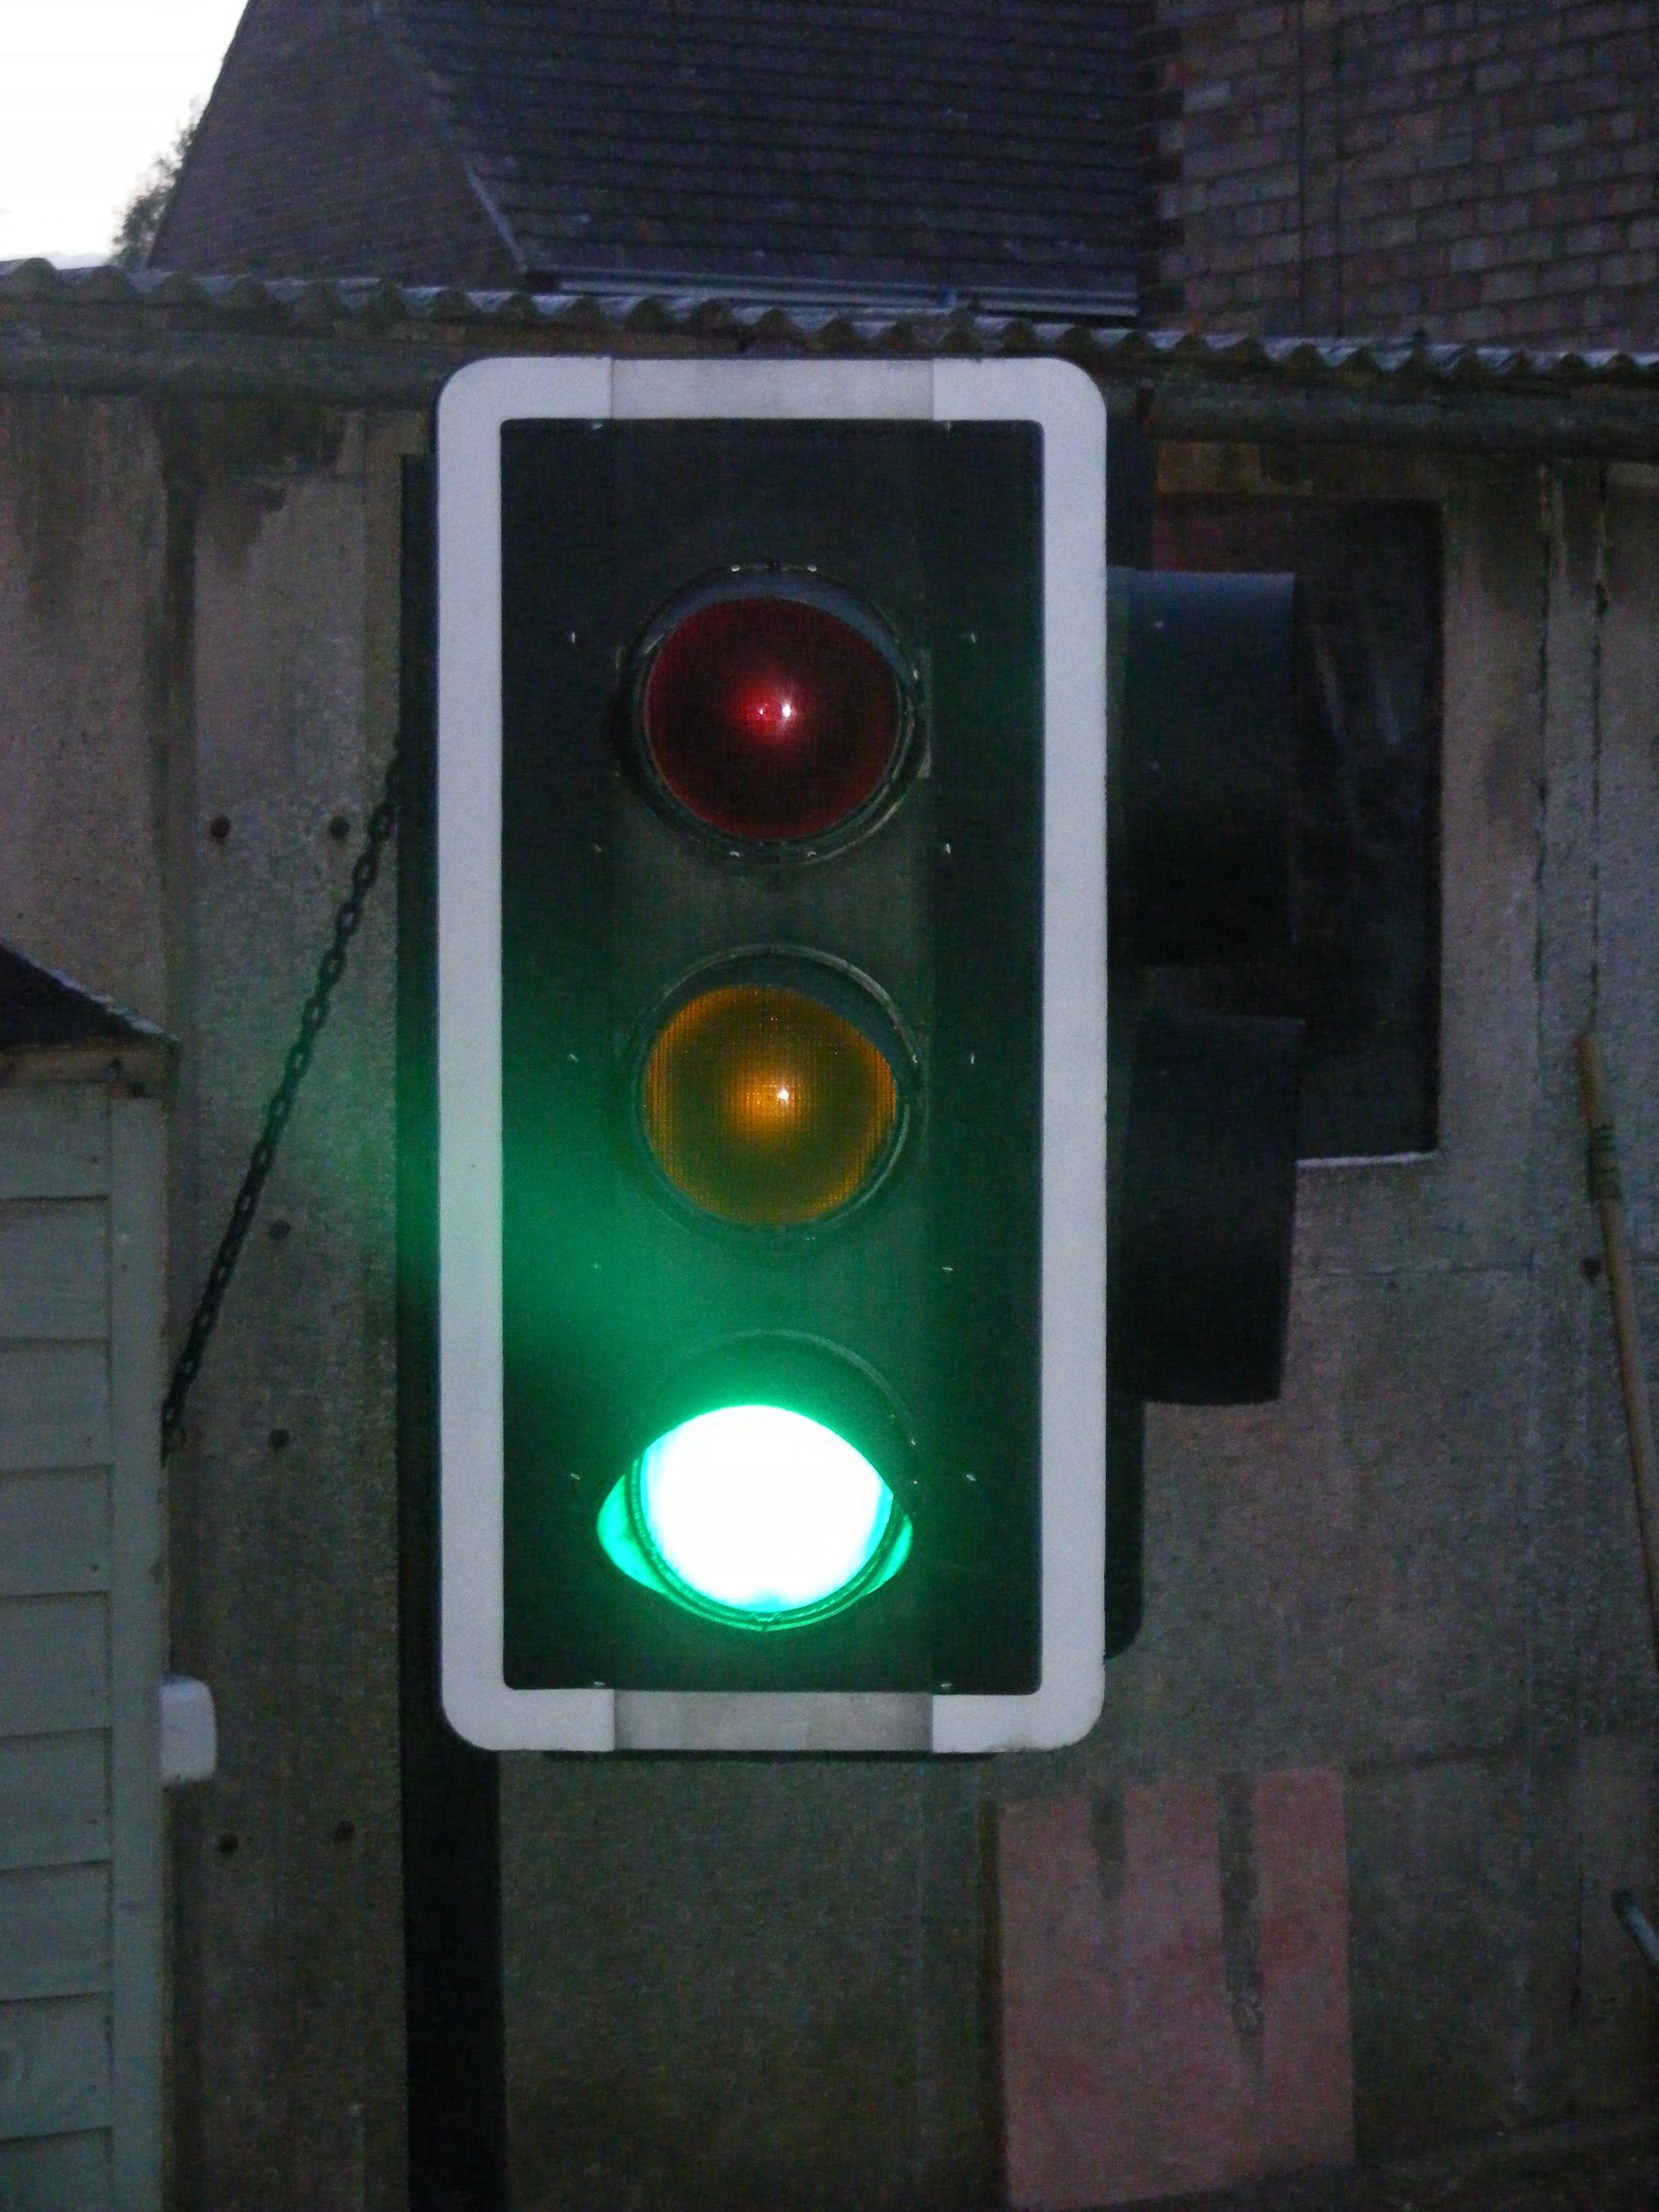 Real Traffic Lights Go Lights Traffic Light Lamp